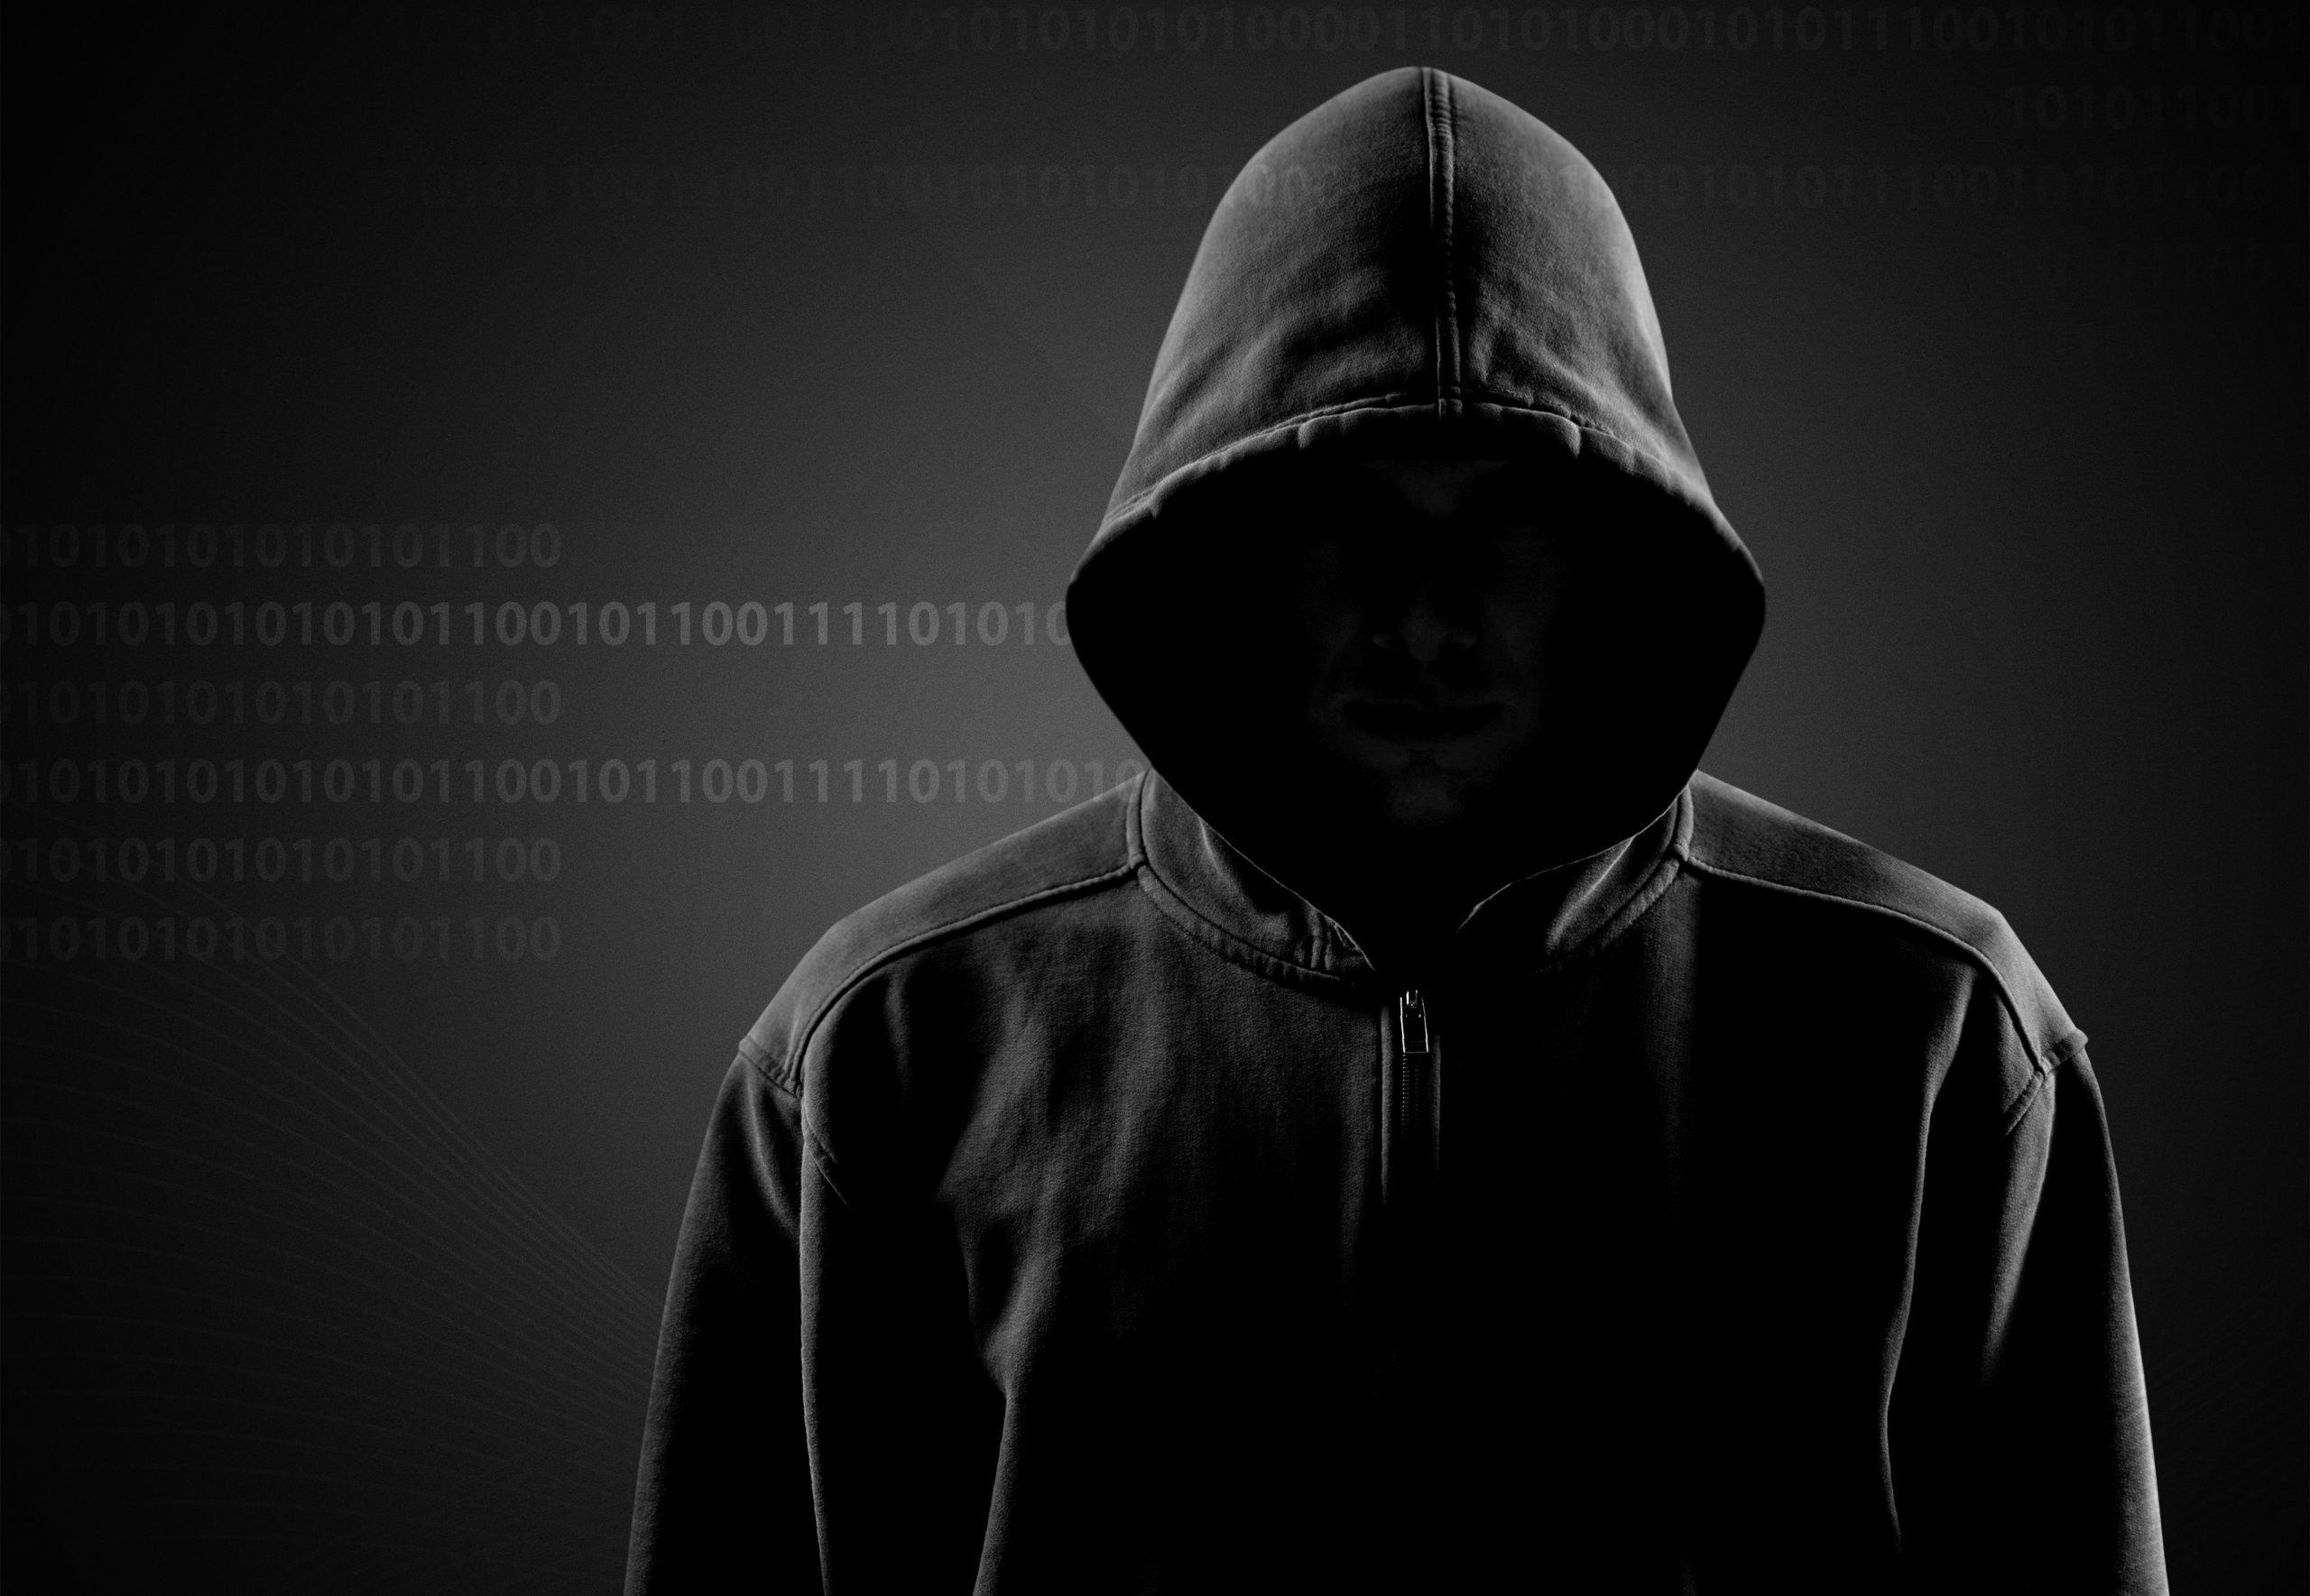 Legado de Wannacry: 4to aniversario de epidemia de ransomware global busca crear conciencia | Blog oficial de Kaspersky